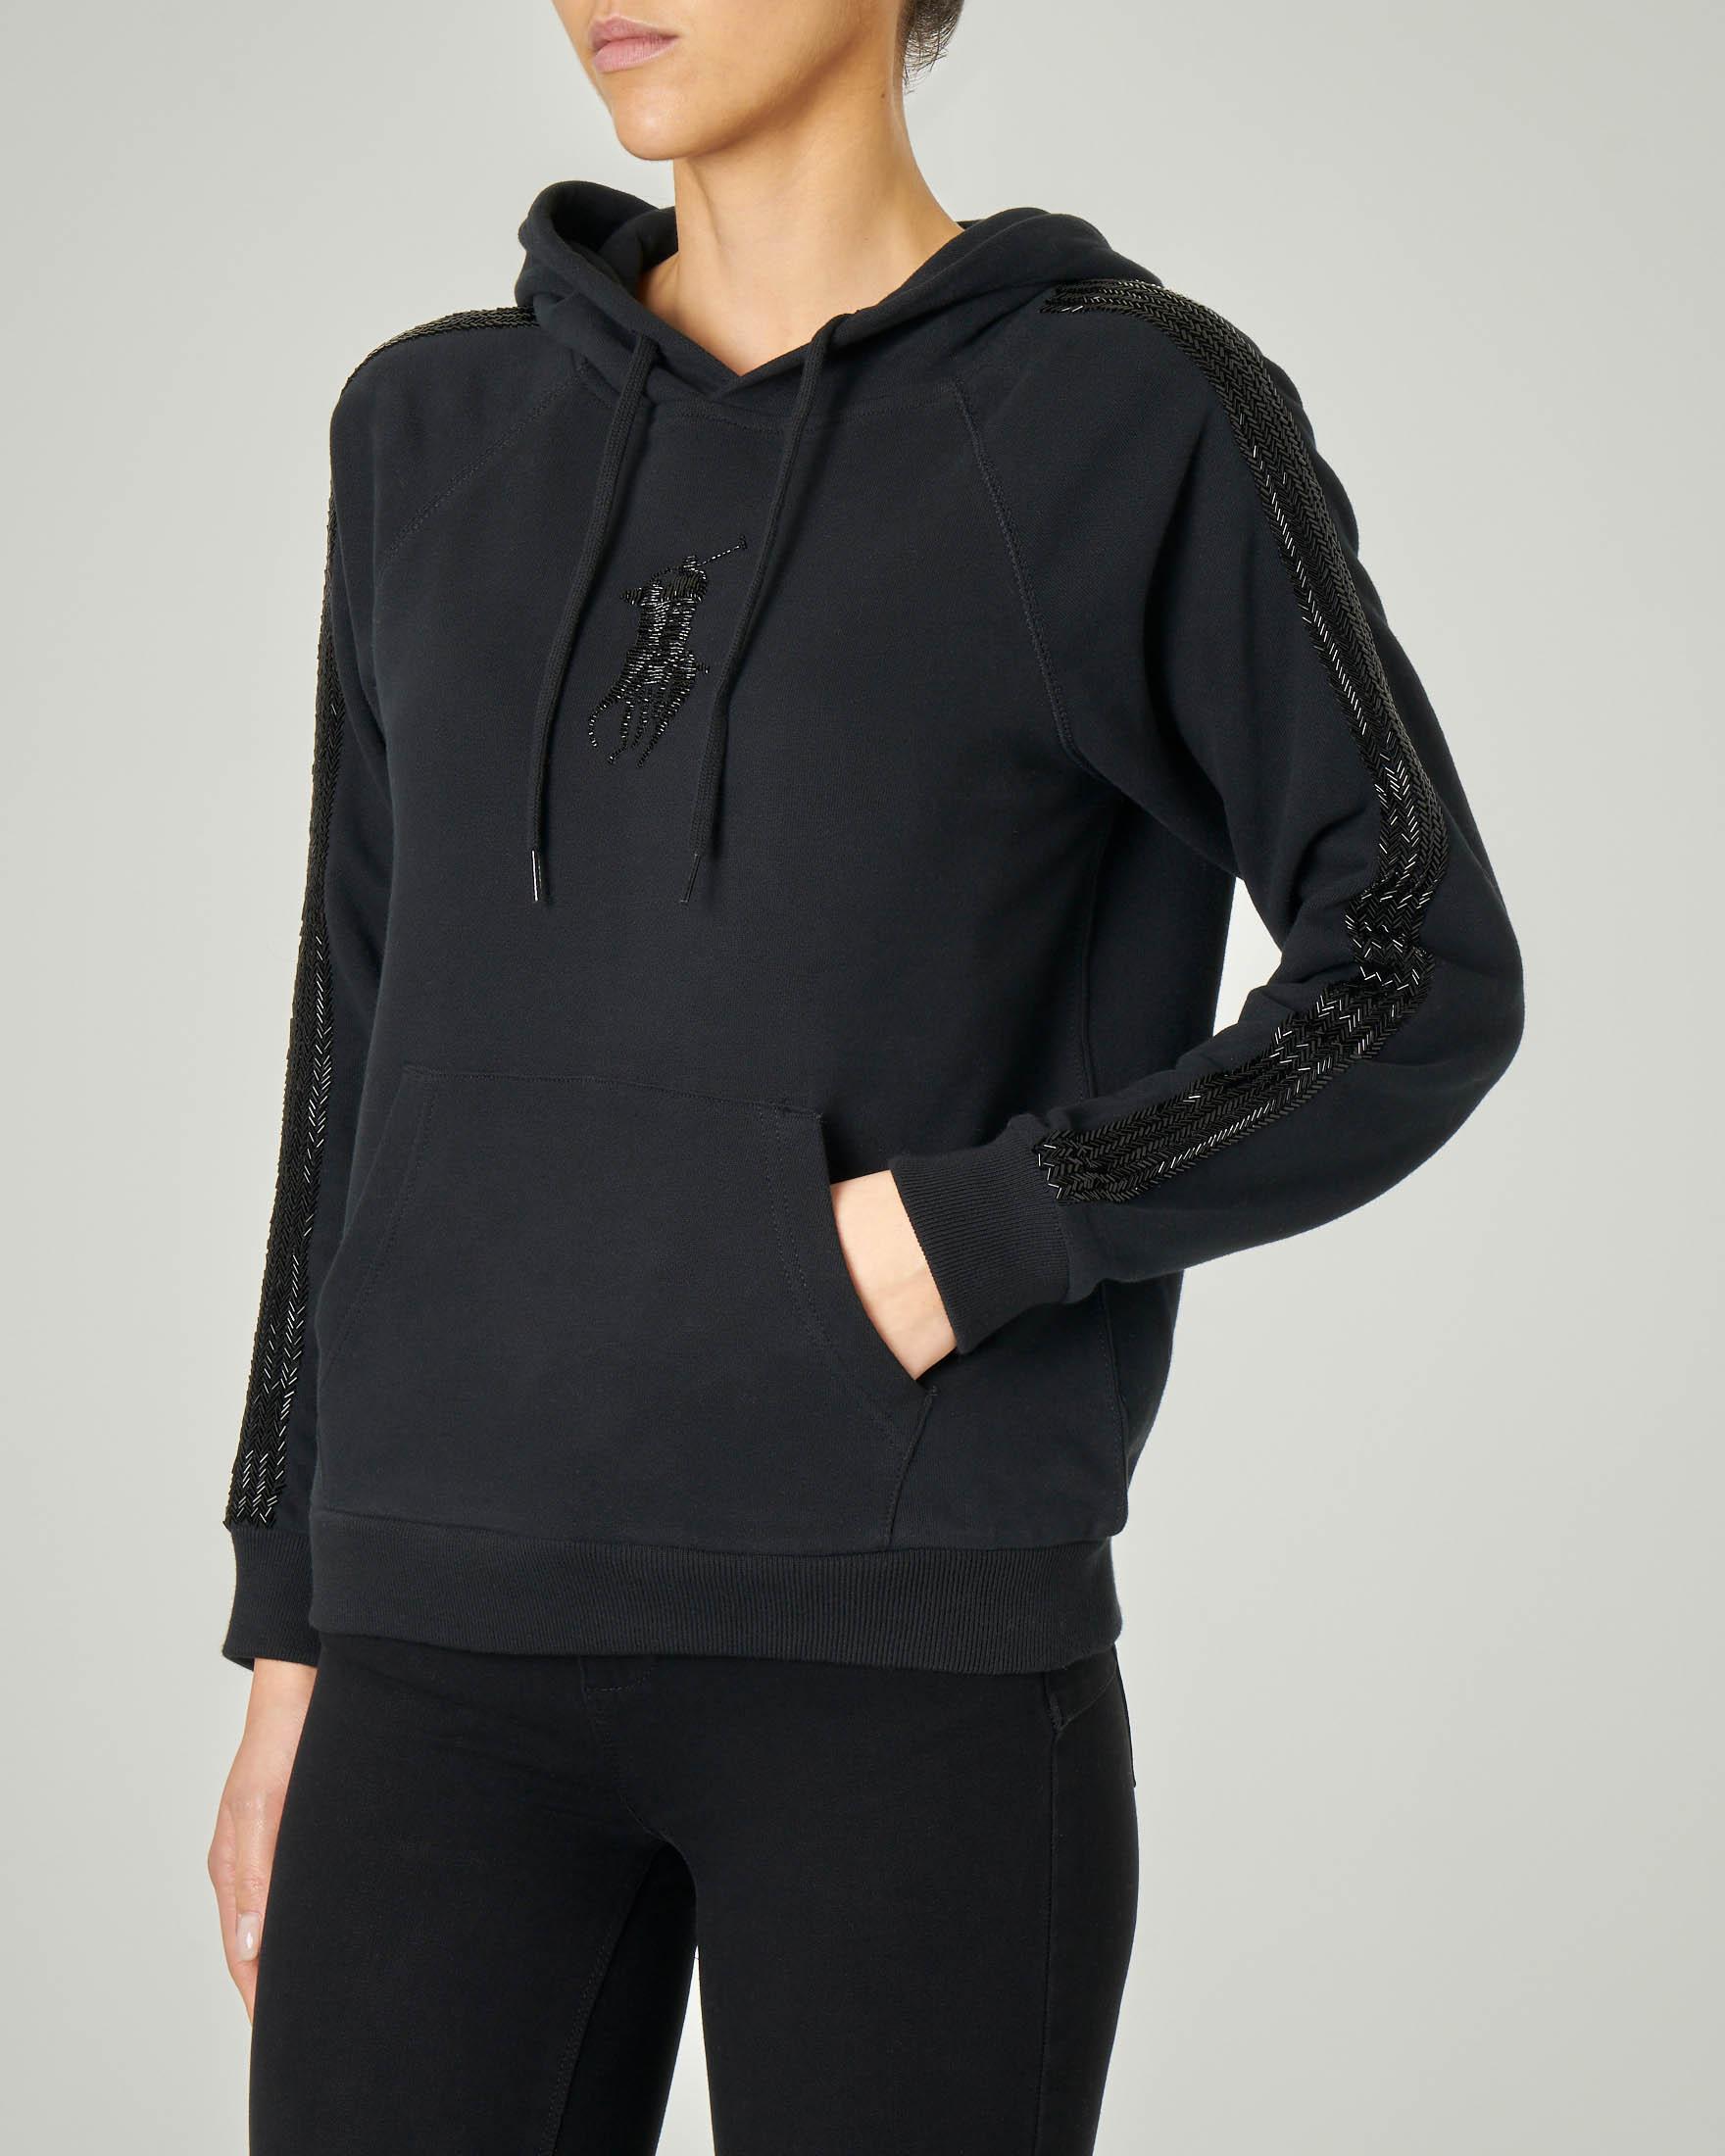 Felpa nera in cotone con cappuccio e maxi logo e bande laterali in paillettes tono su tono